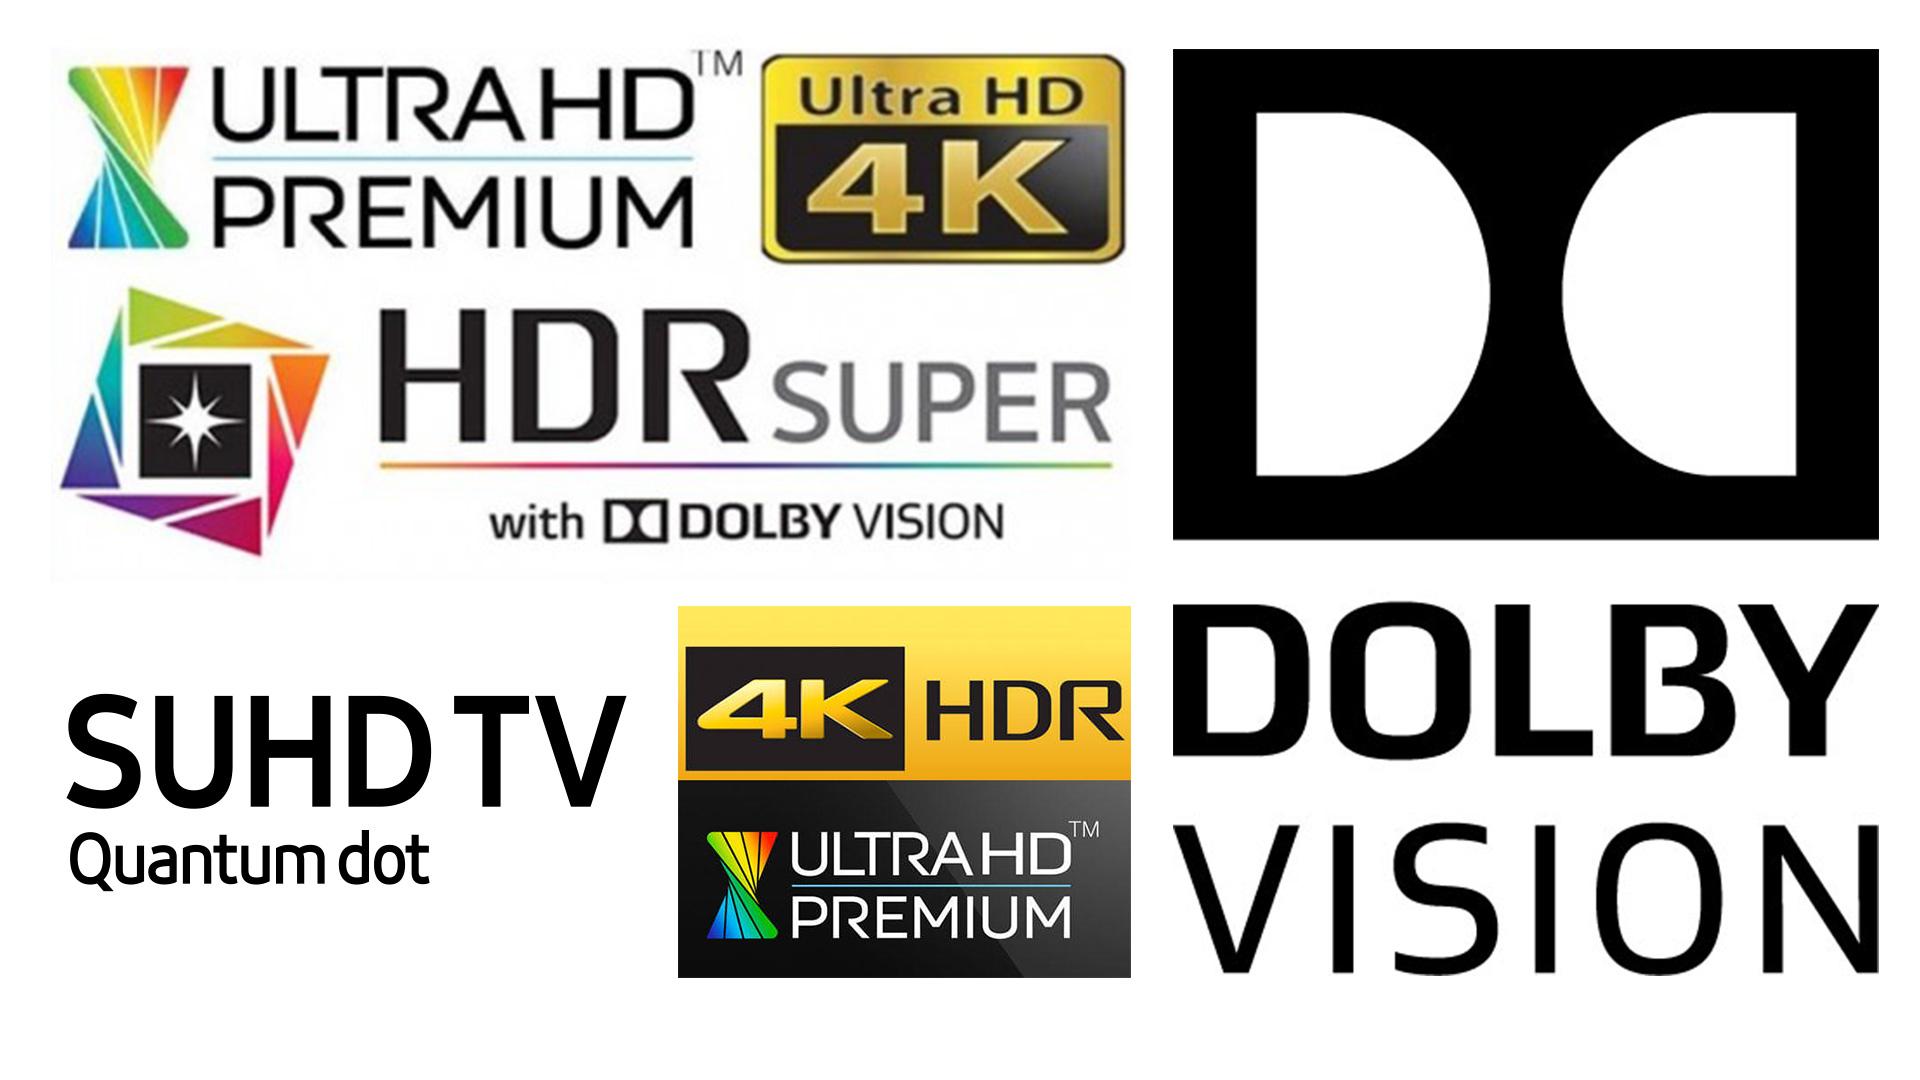 今さら聞けない - HDR、10bit colorって何?